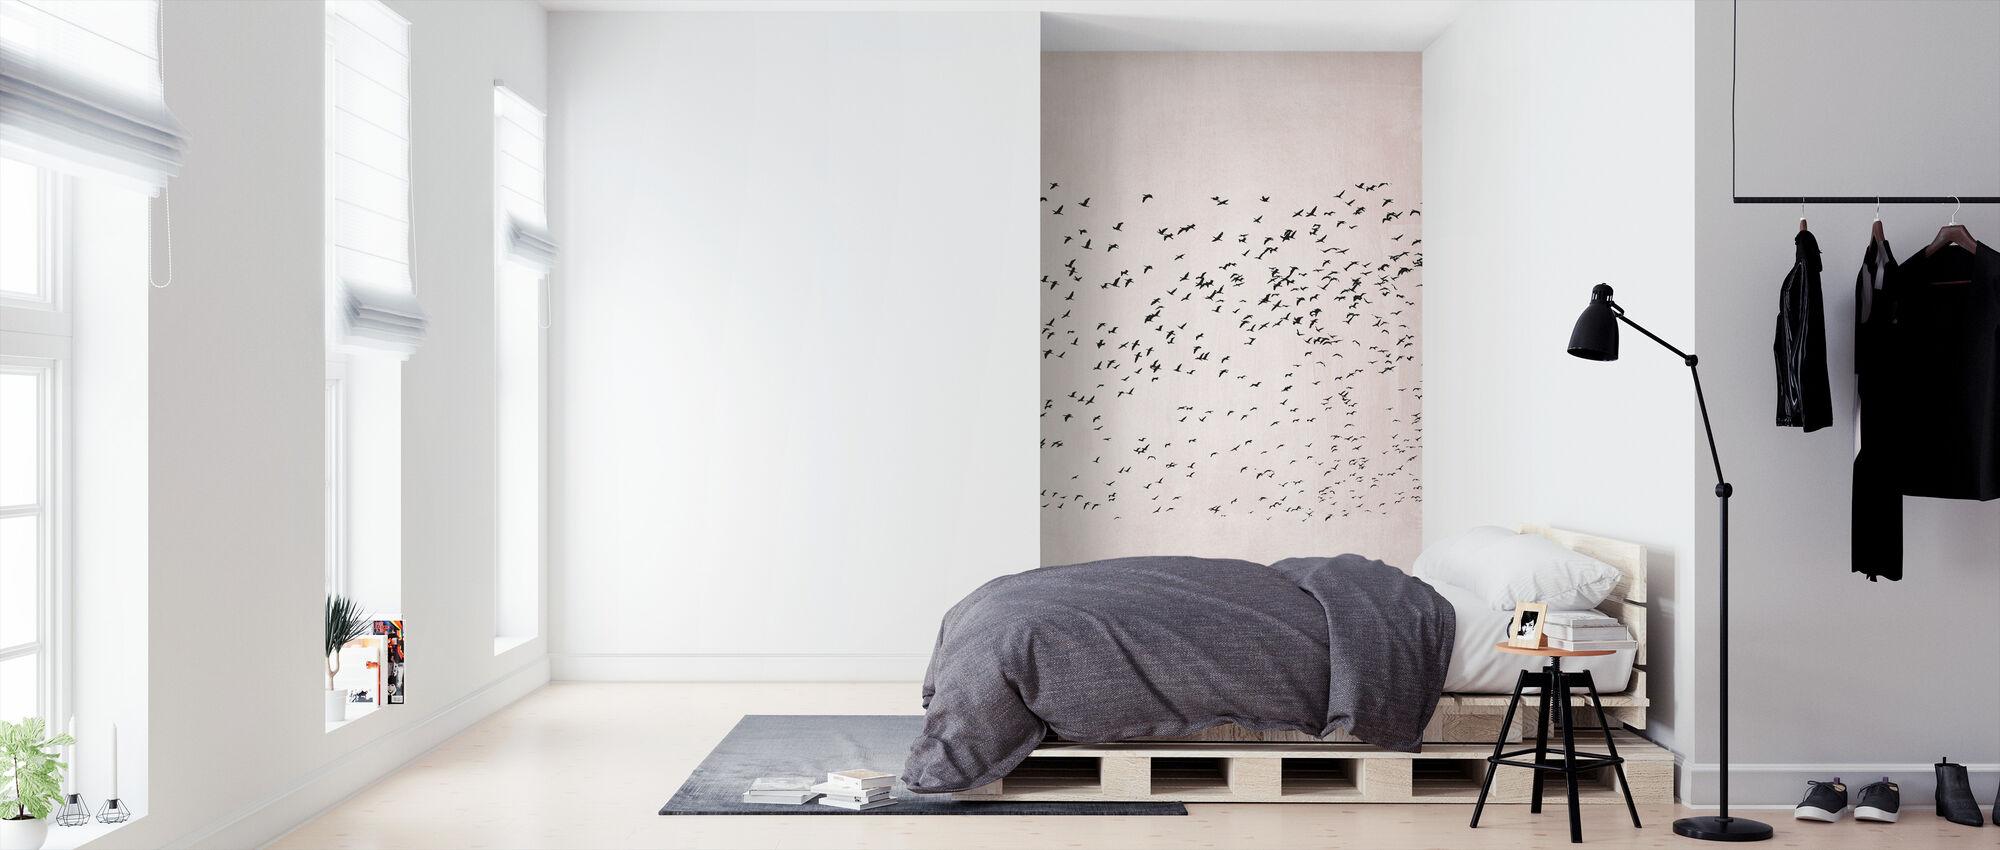 Verhuizen - Behang - Slaapkamer